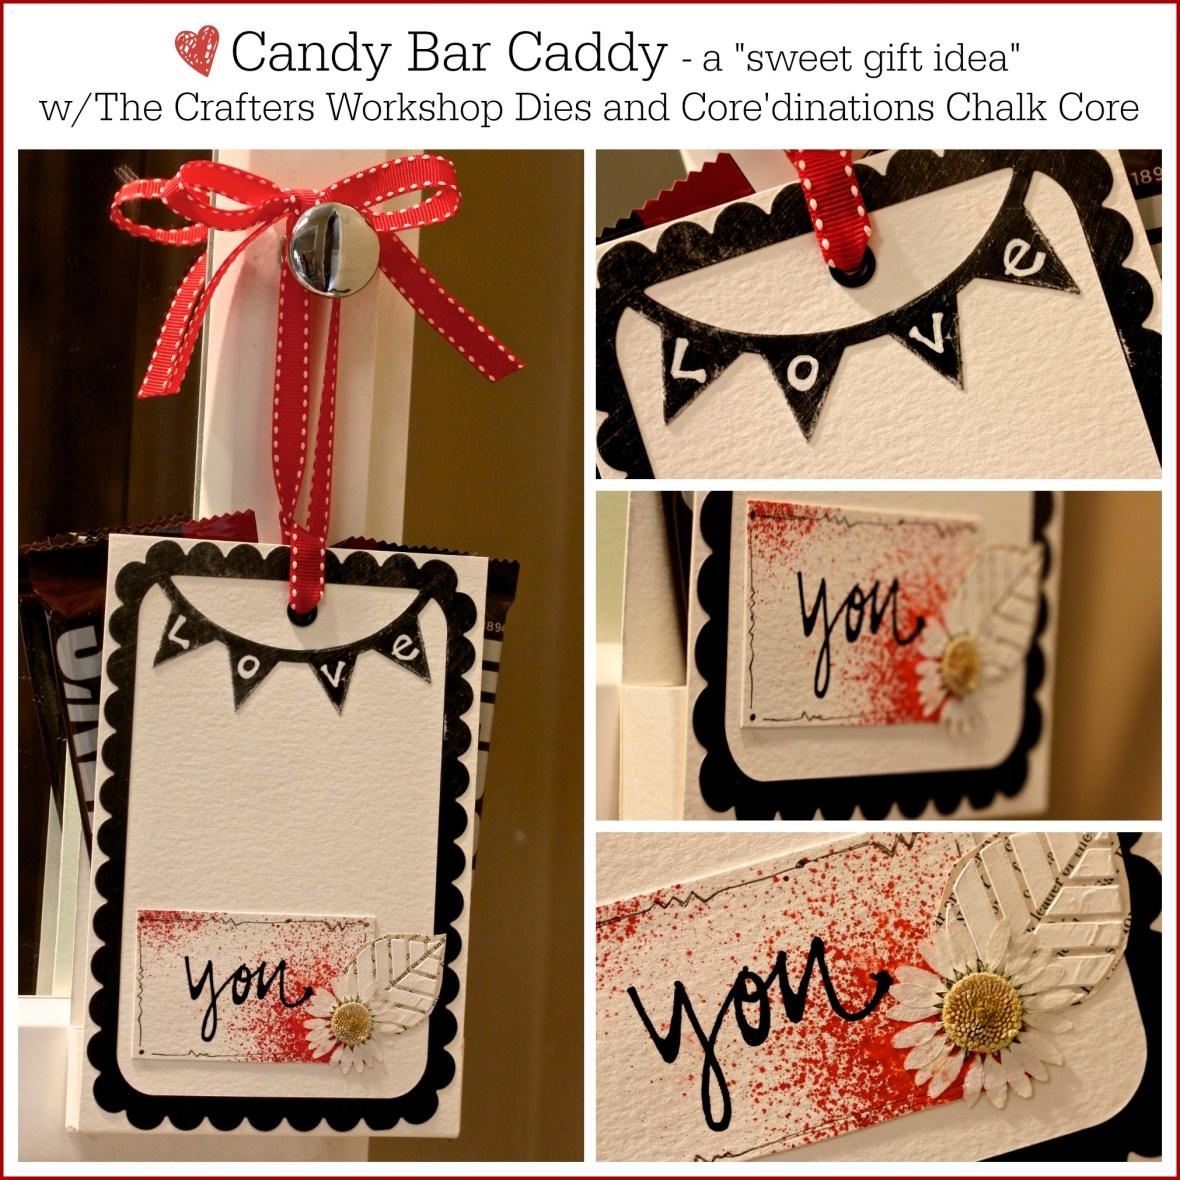 Candy Caddy by Sue Carroll